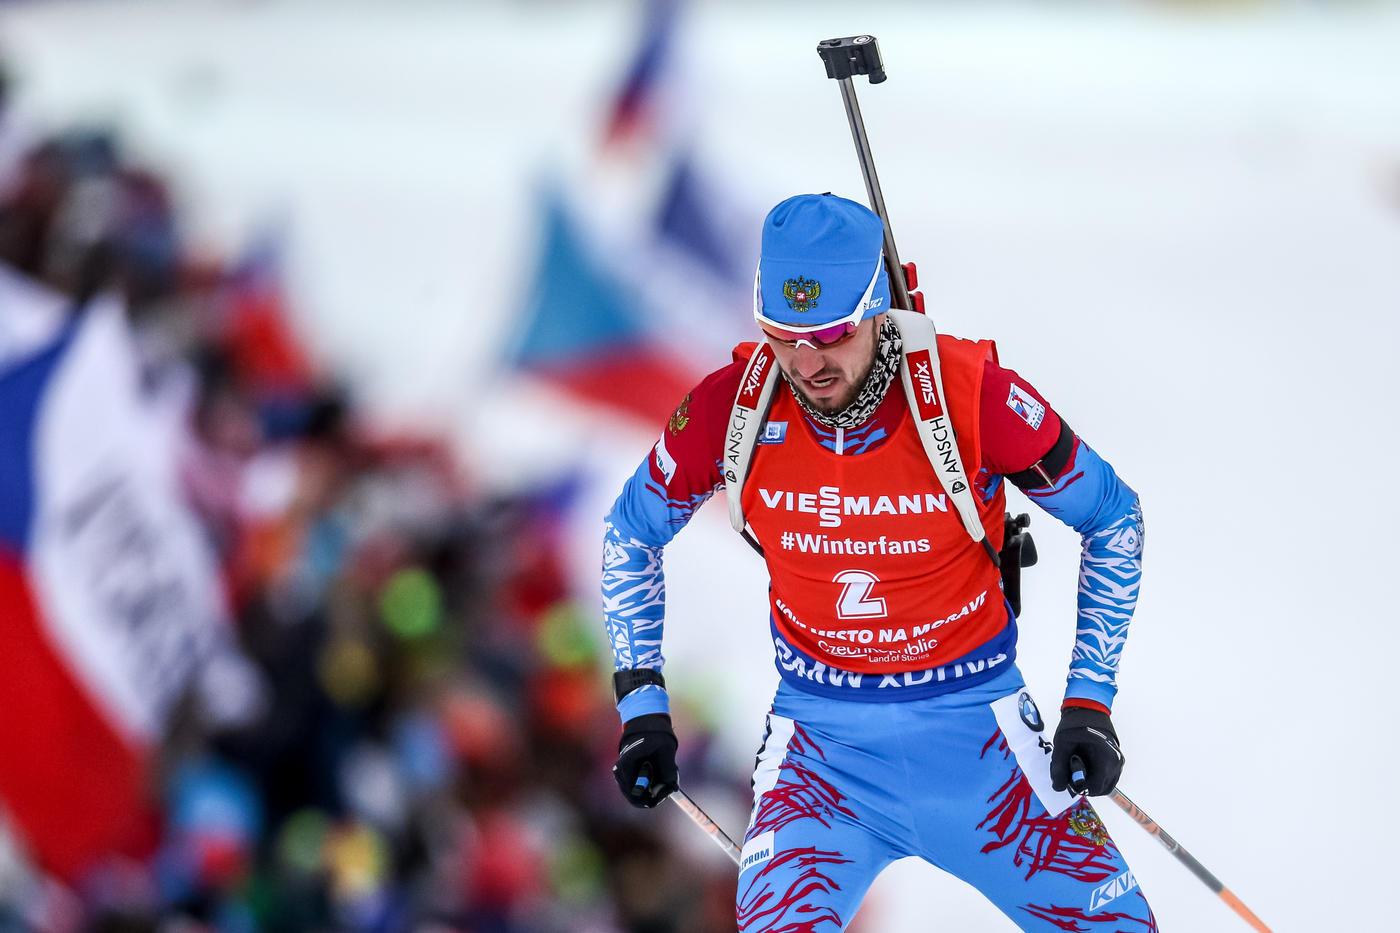 Логинов выиграл первое личное золото. Борец против допинга его не догнал - фото